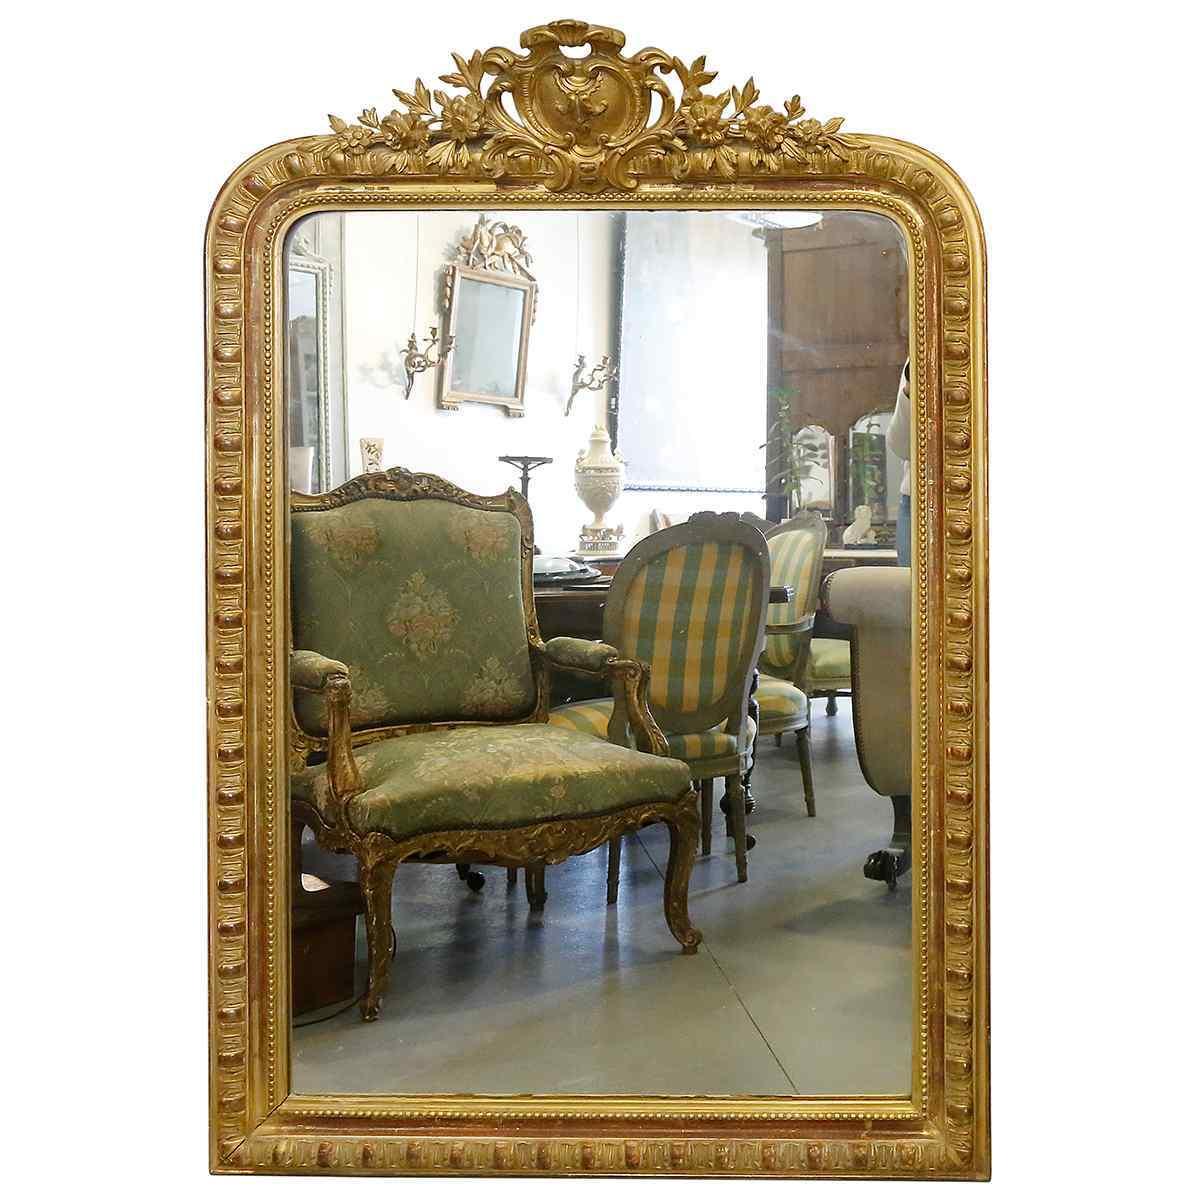 Зеркало в стиле Людовика XVI 19 века